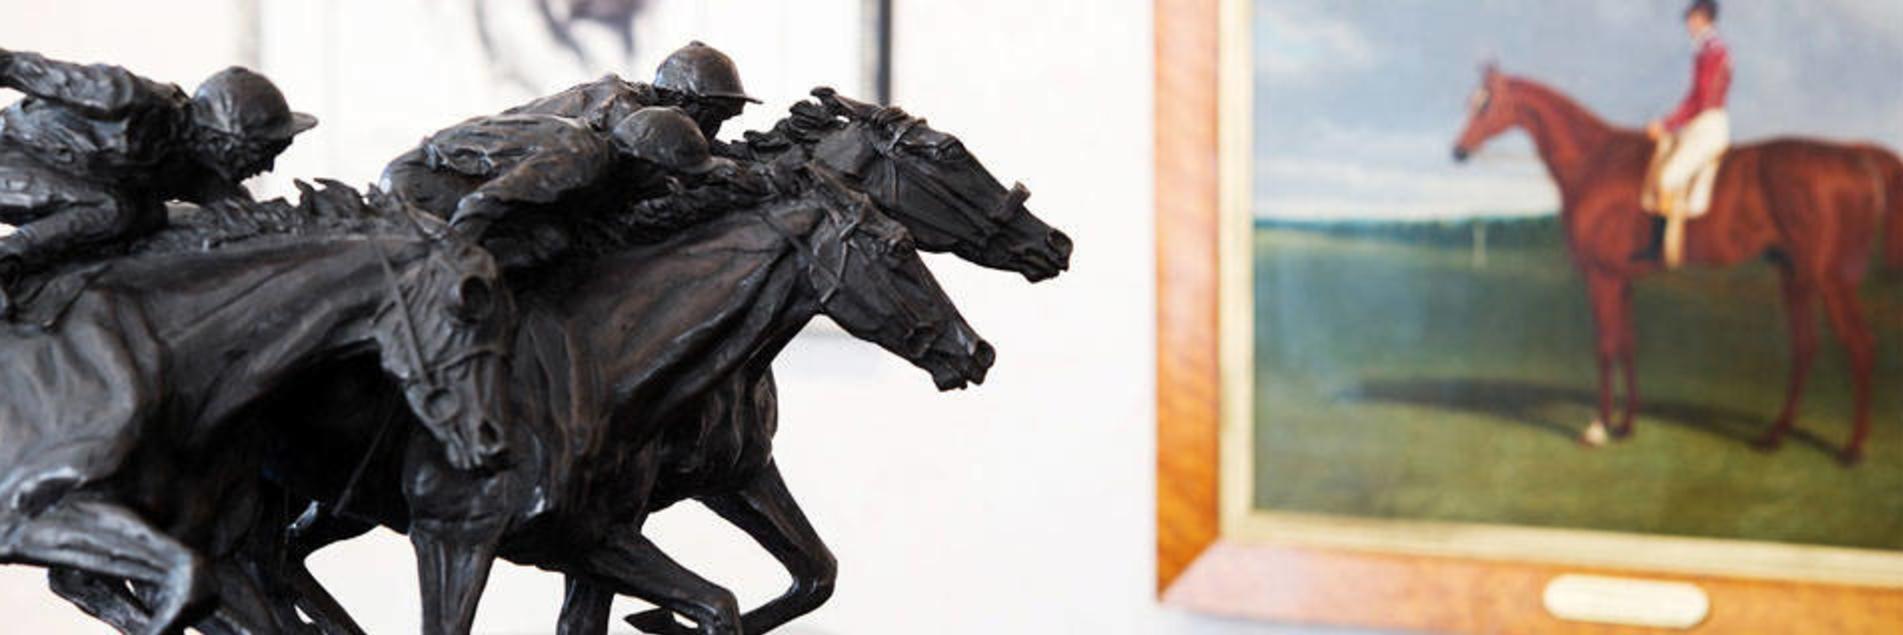 Horses Statue